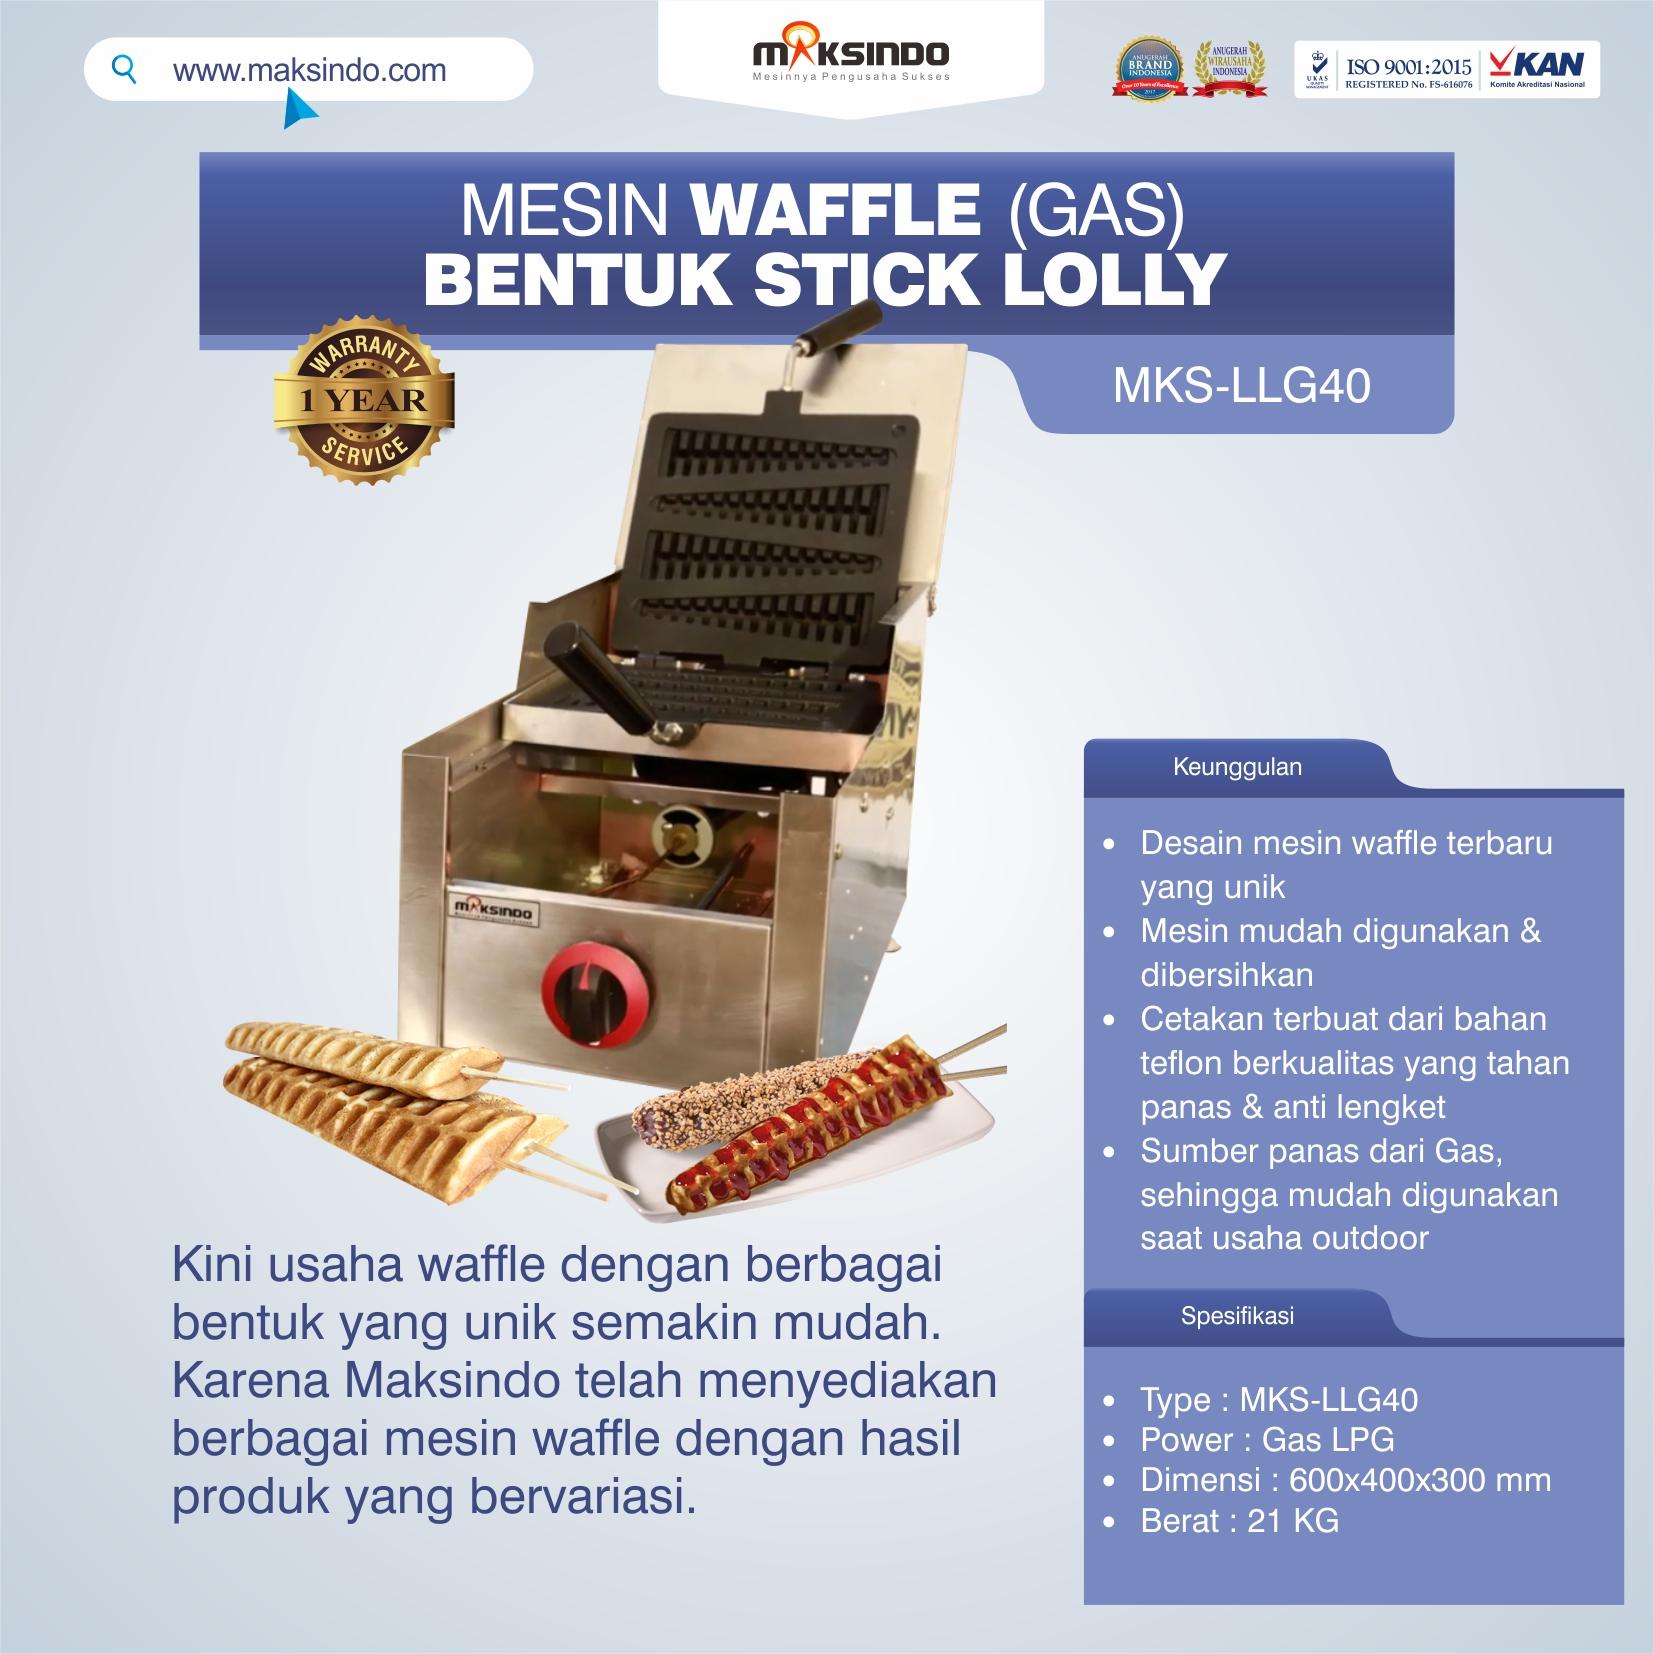 Jual Mesin Waffle Bentuk Stick Lolly (Gas) MKS-LLG40 di Bekasi